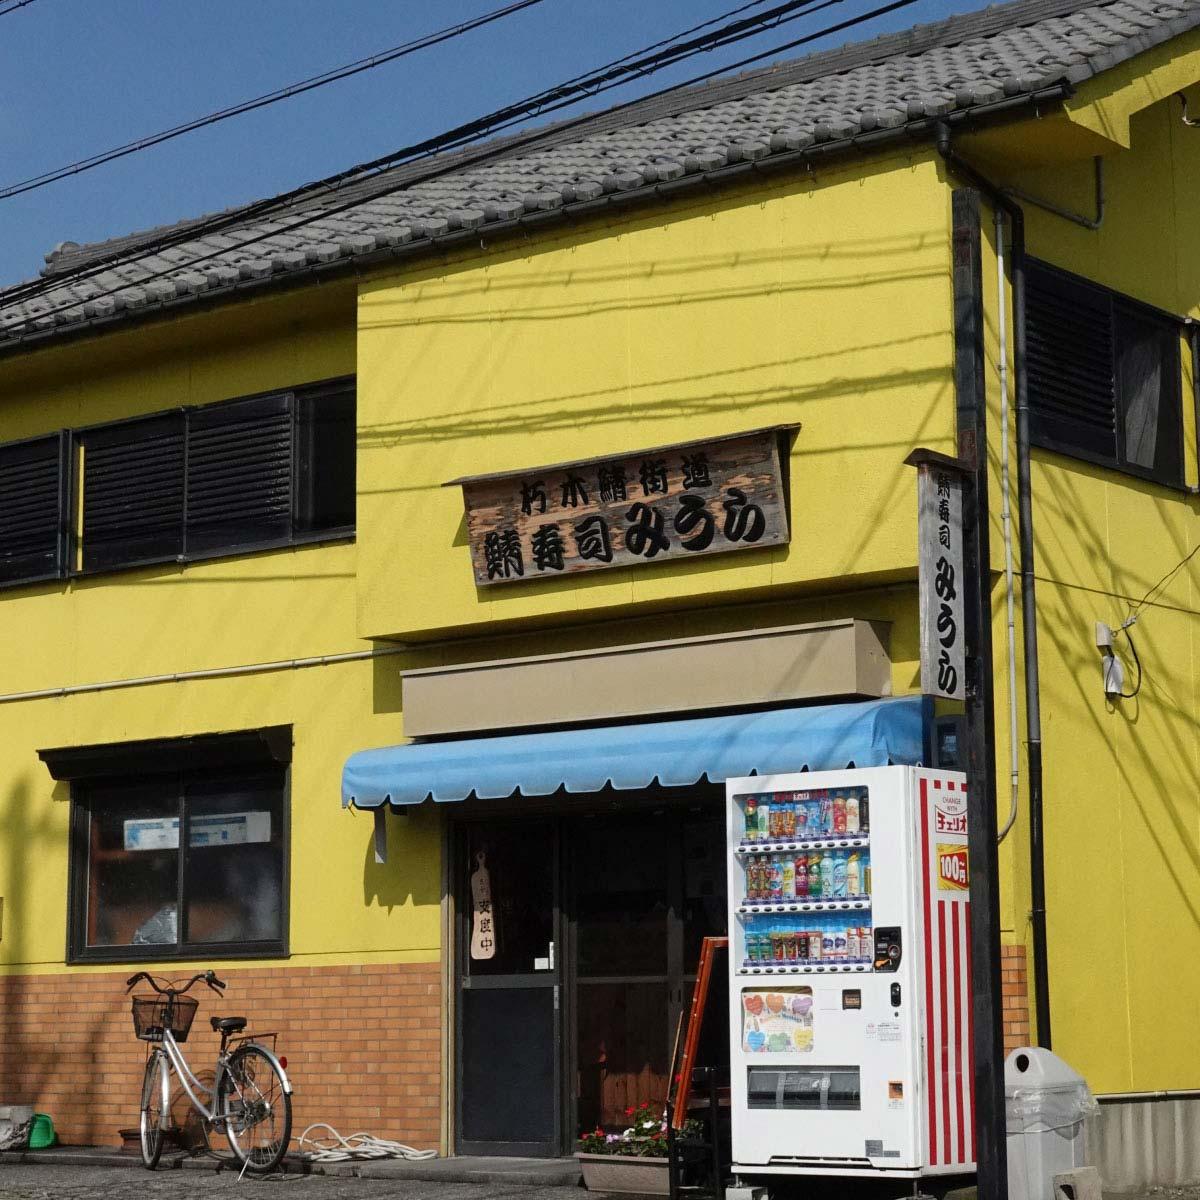 鯖寿司みうら店舗